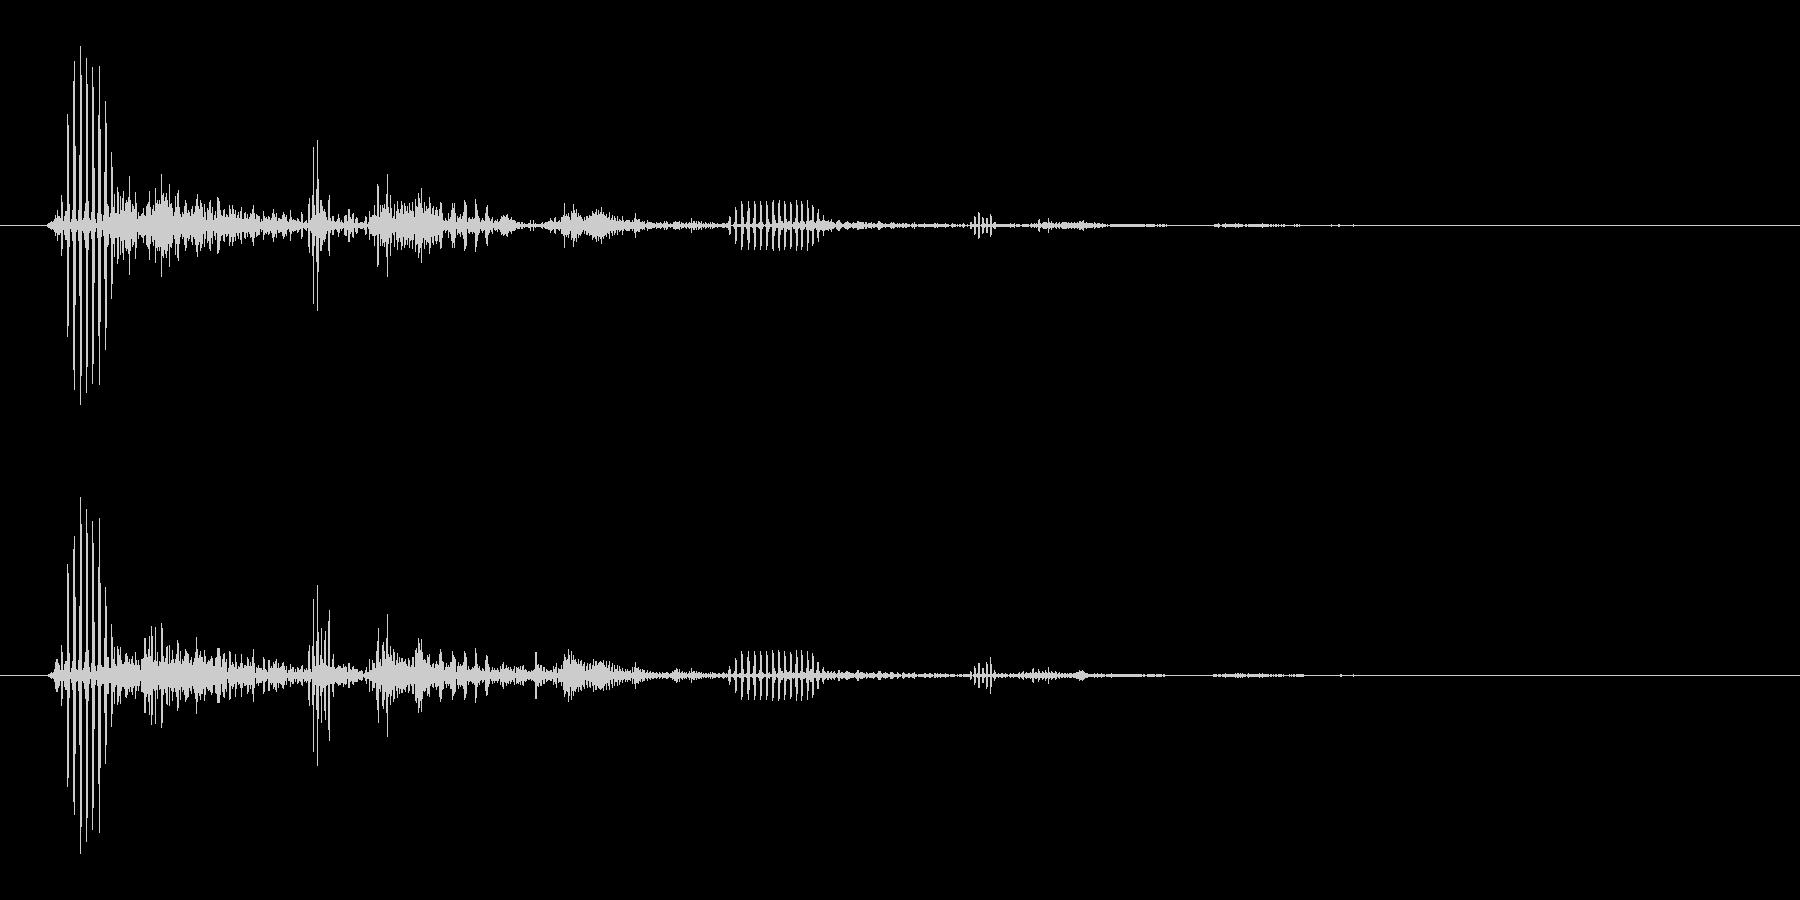 キキッ (軽めなブレーキ音)の未再生の波形